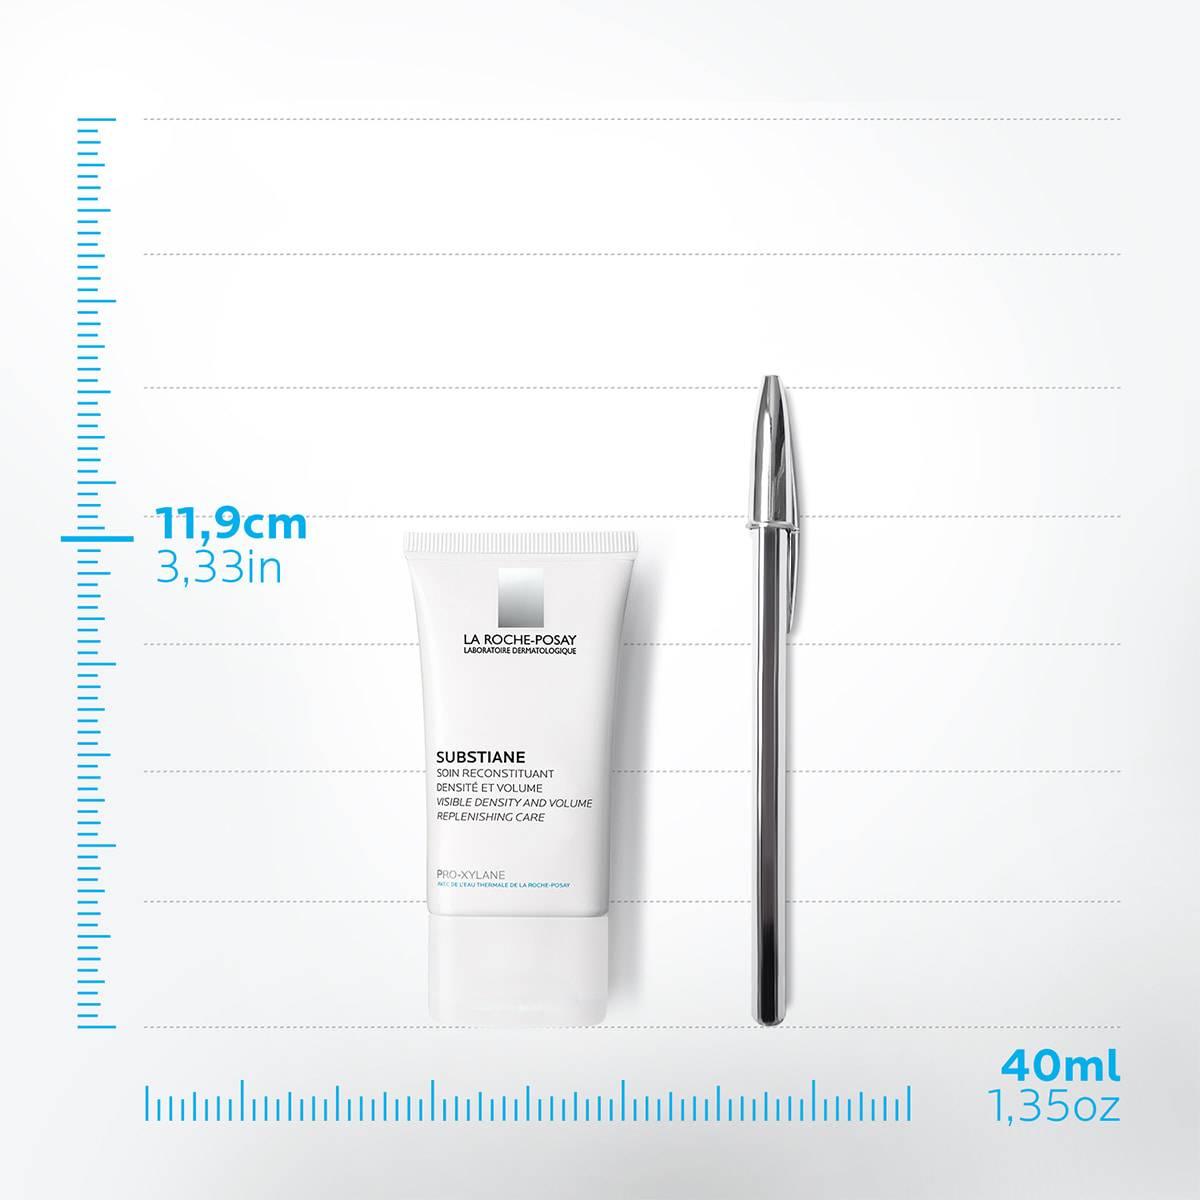 La Roche Posay ProductPage Anti Aging Cream Substiane Riche 40ml 33378